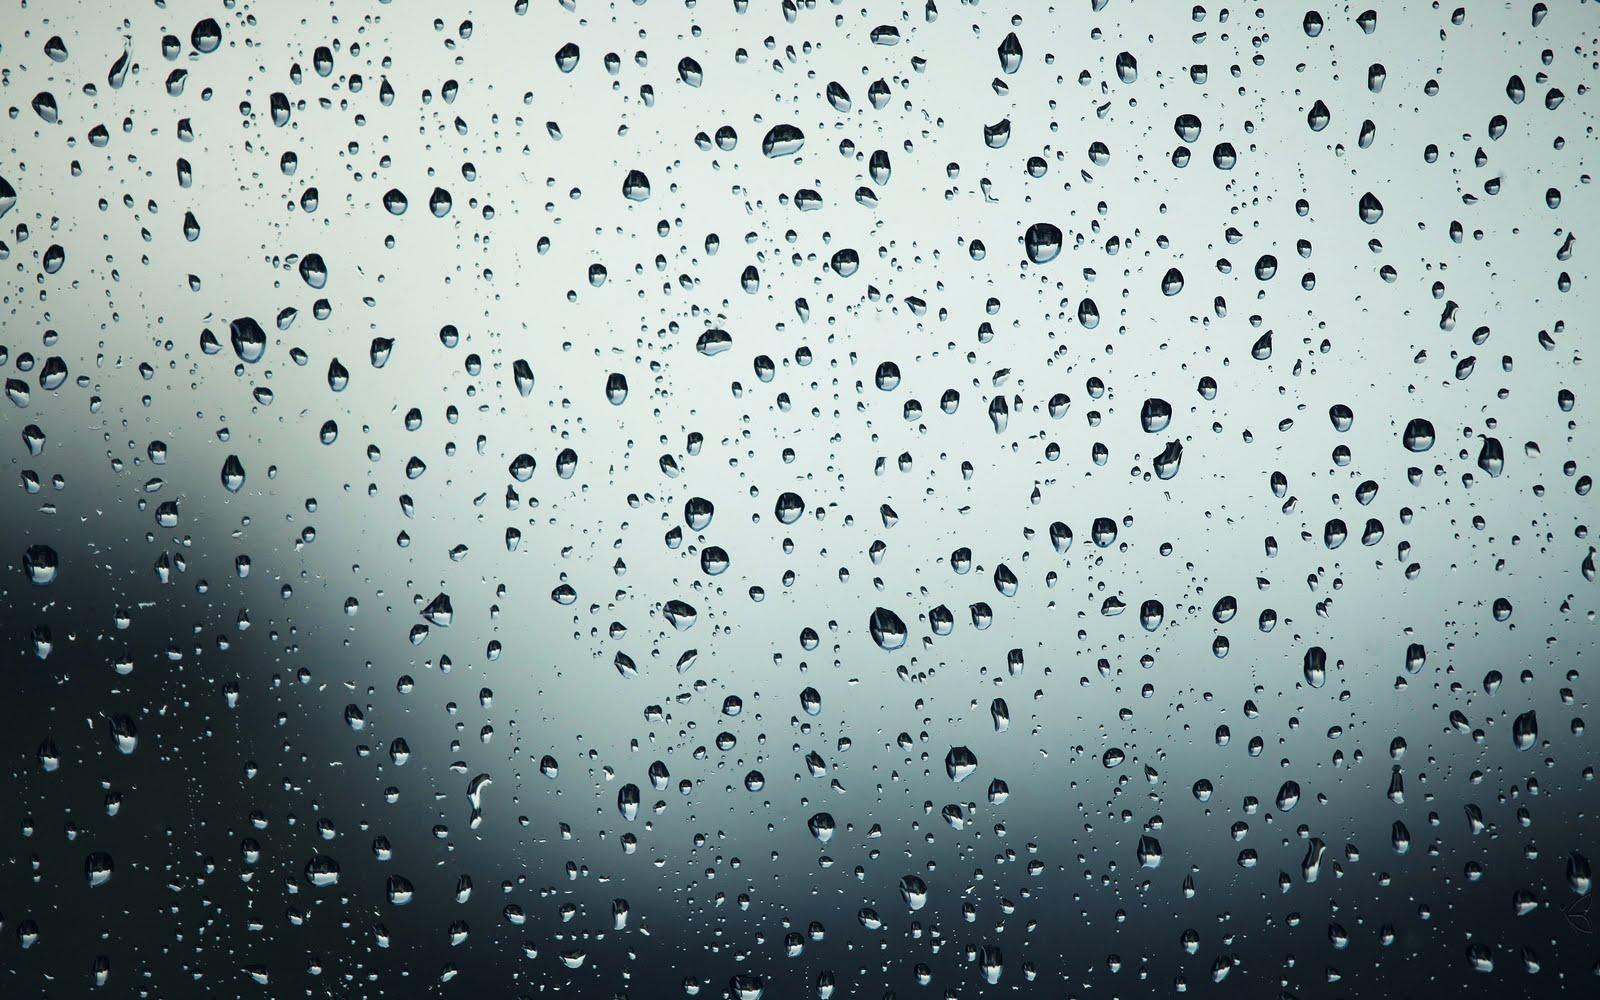 50 ] Rain Wallpapers For Desktop On WallpaperSafari